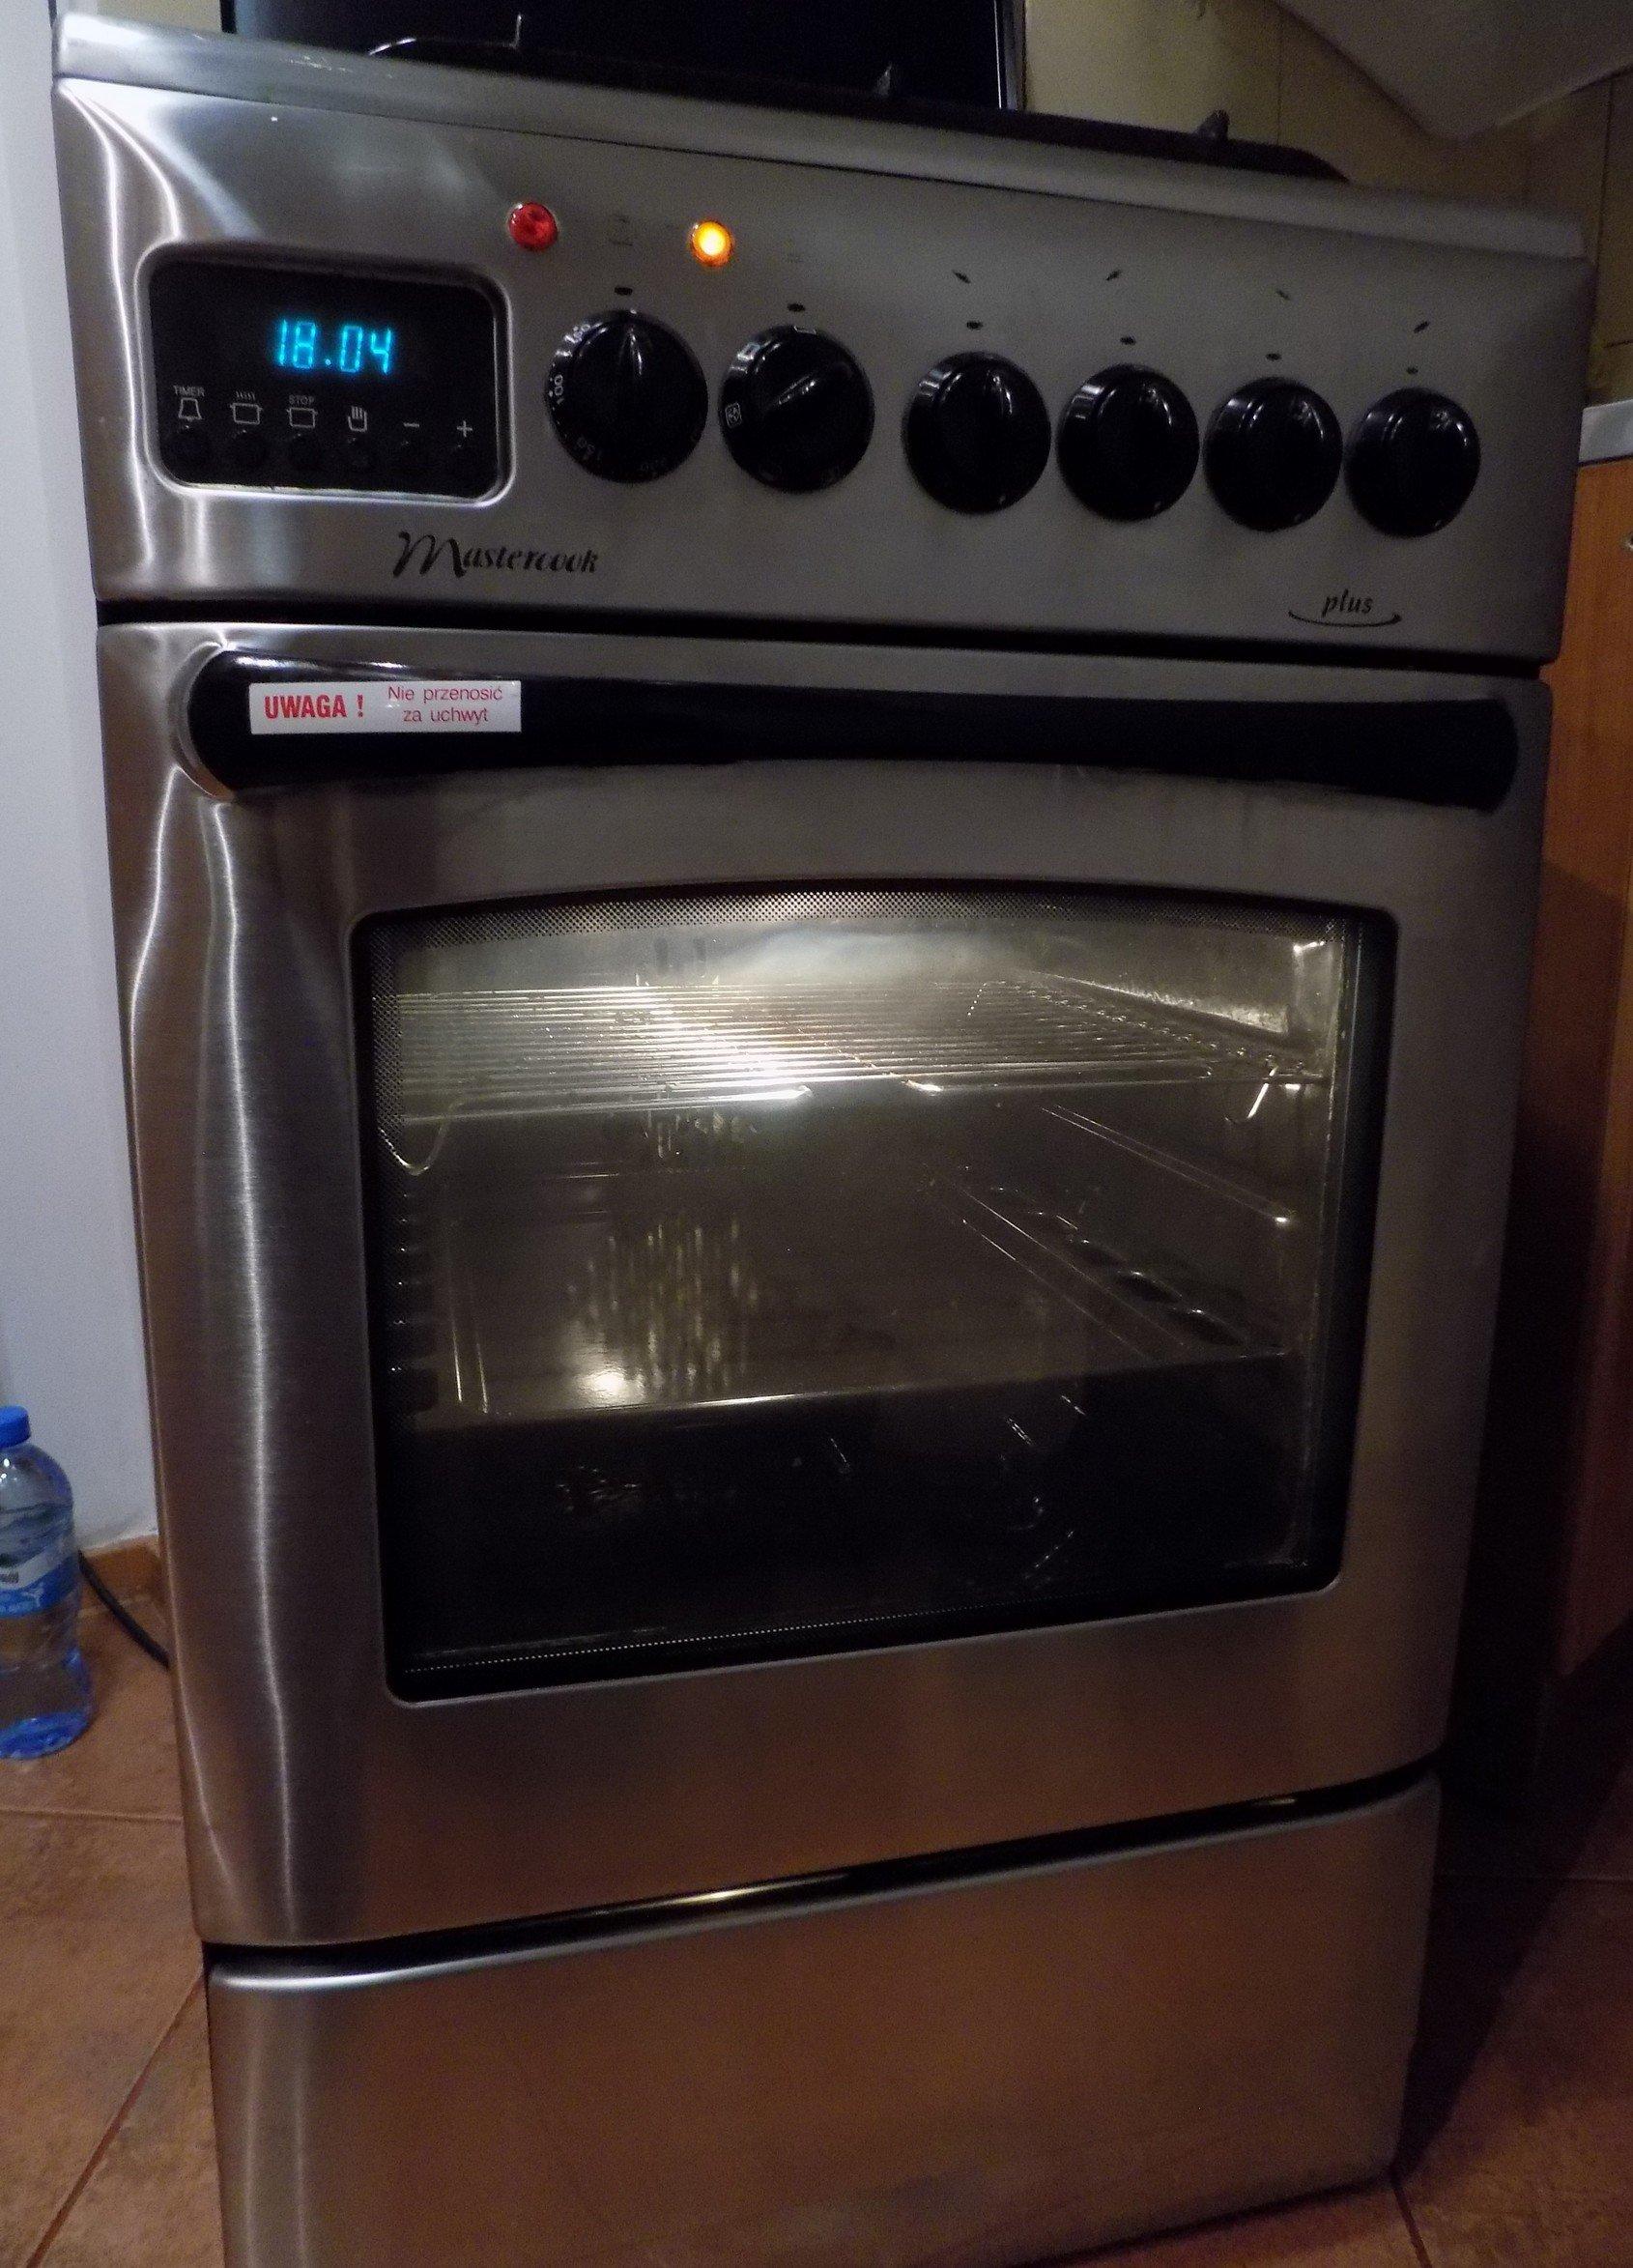 Kuchnia Gazowo Elektryczna Mastercook 3400 Hl62 Scotthumane